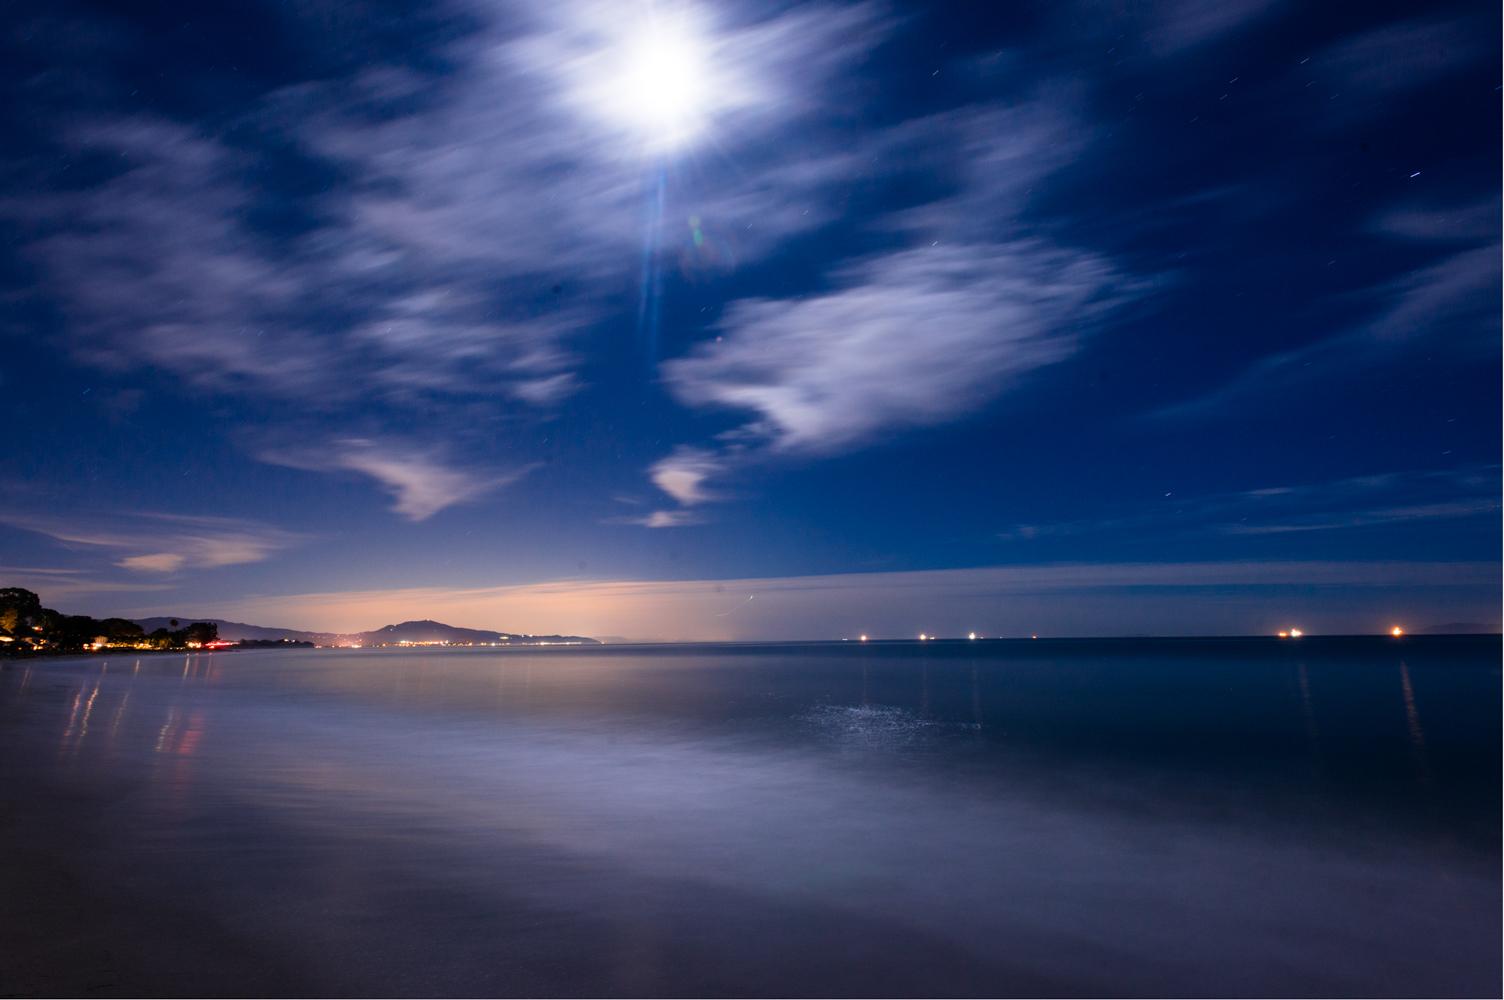 Looking South - Miramar Beach